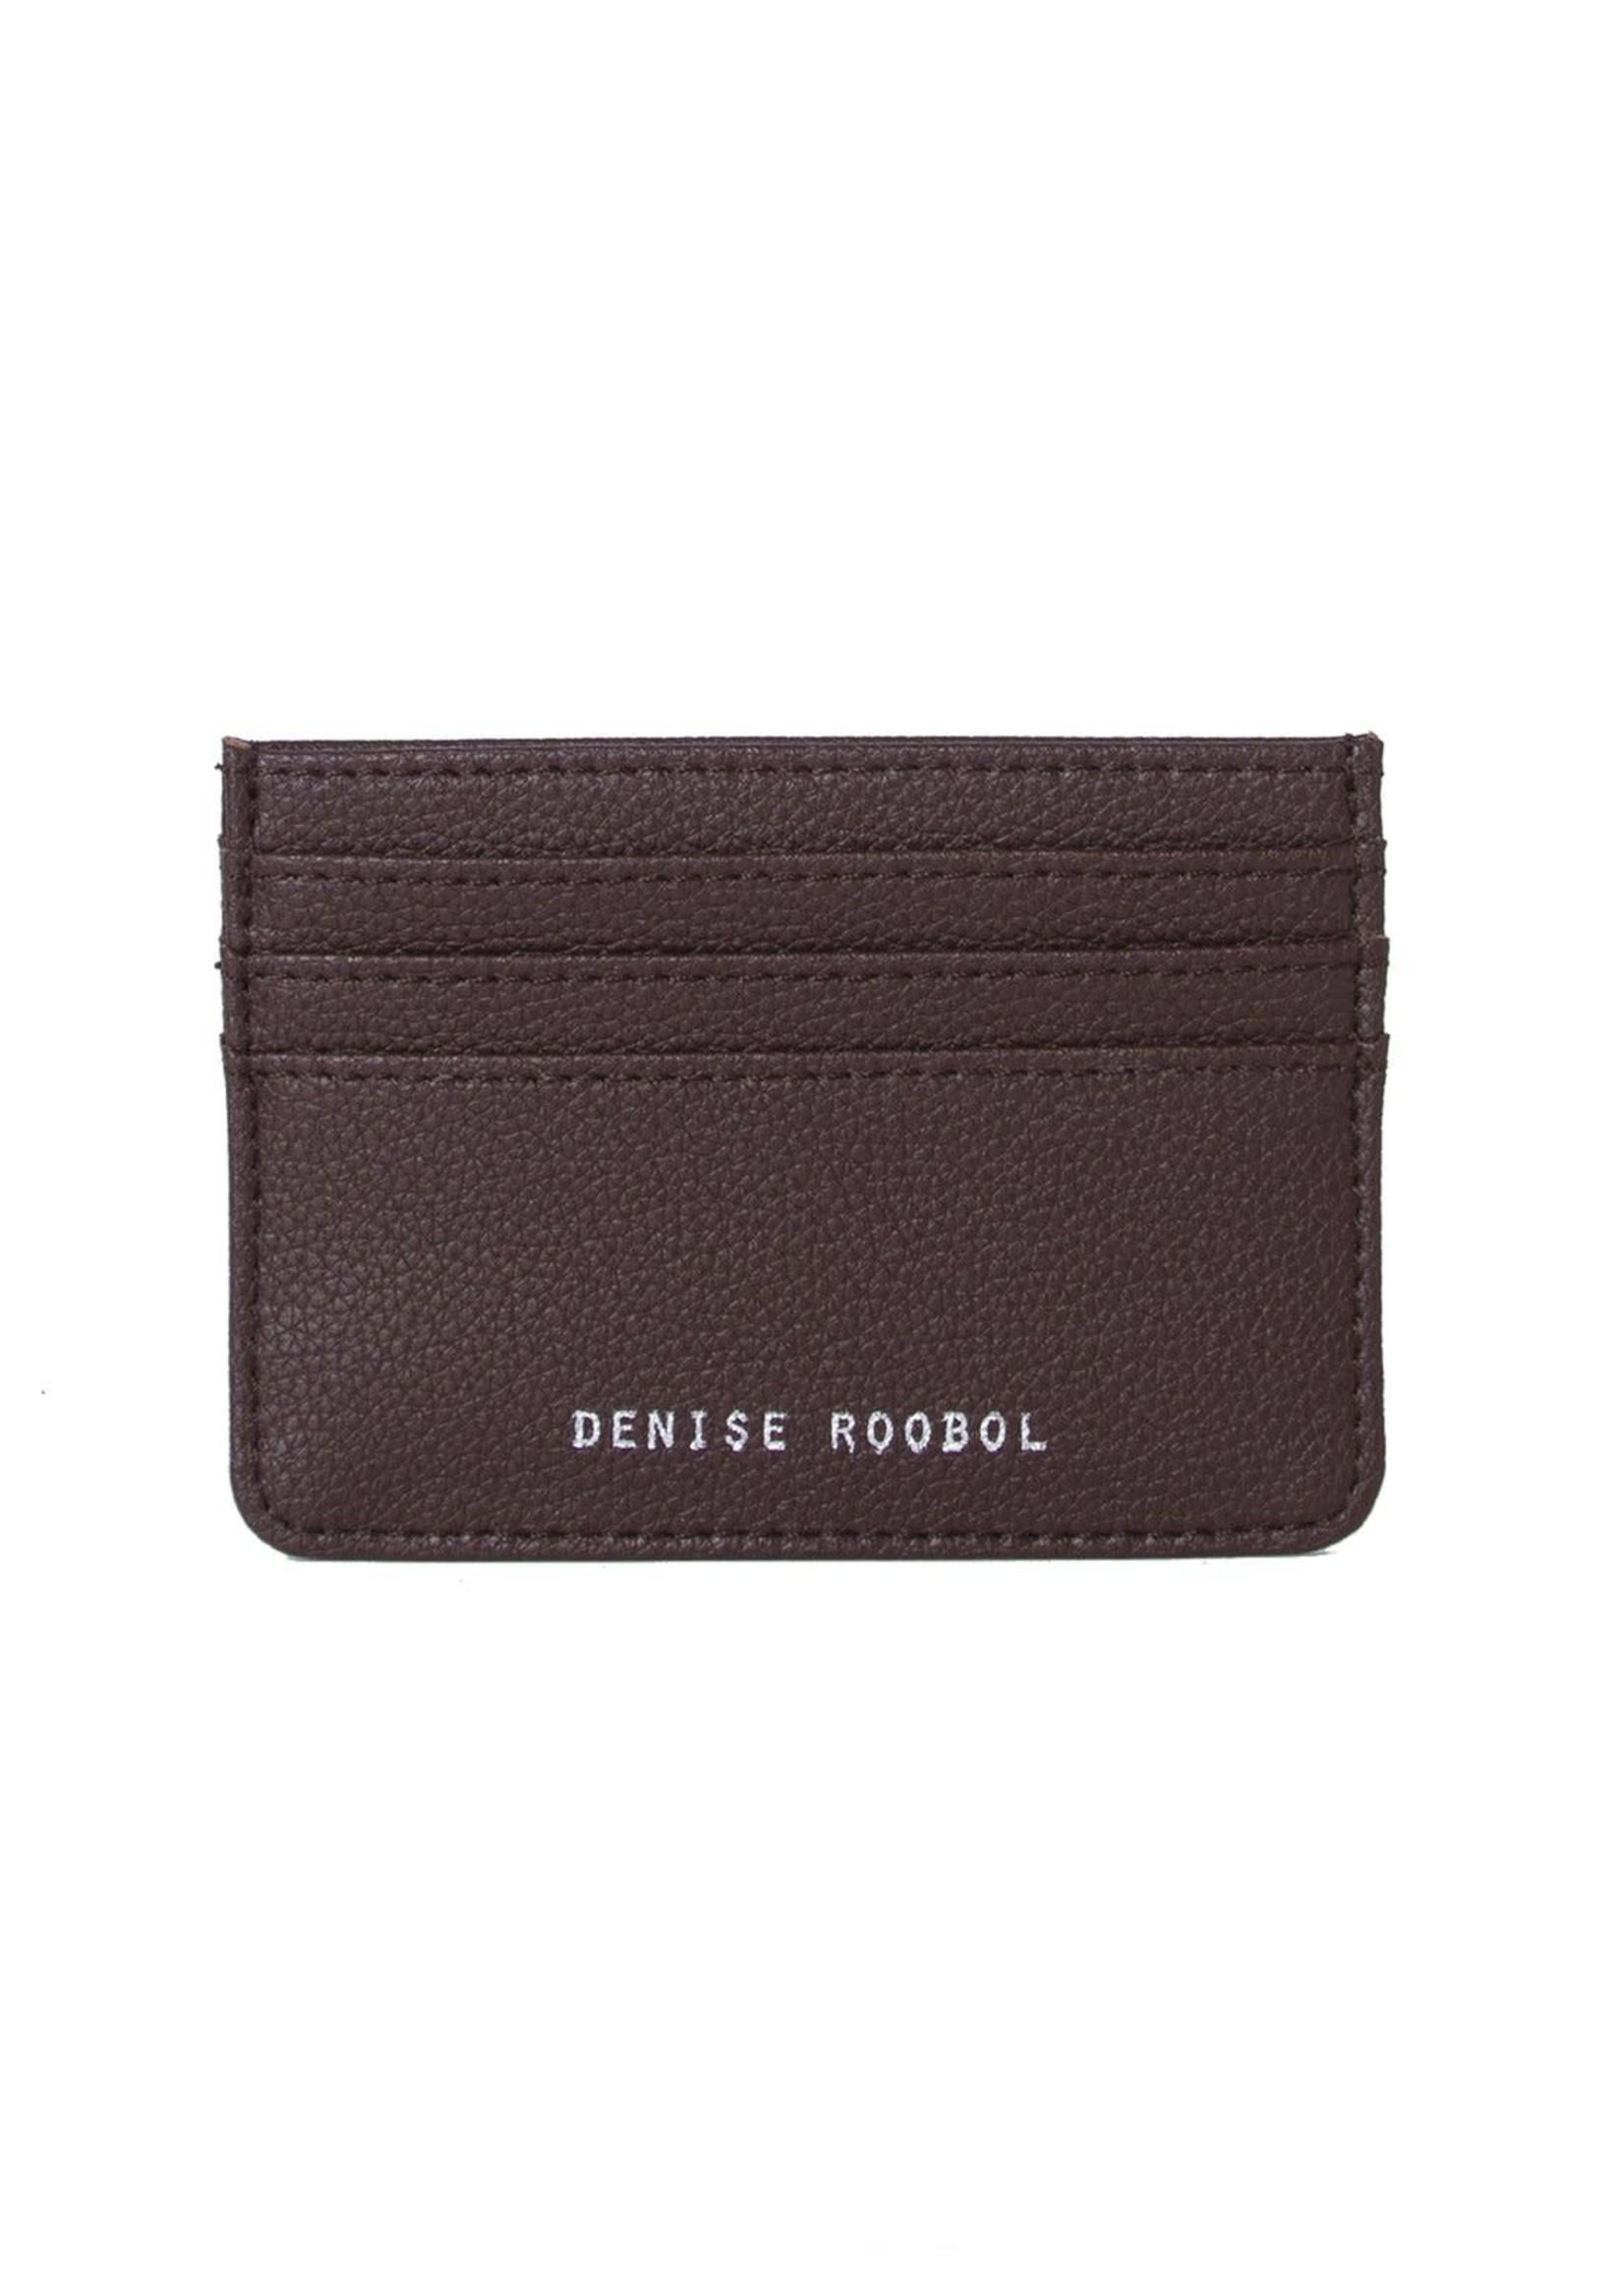 Denise Roobol Denise Roobol- DR Cardholder- Cognac- Vegan